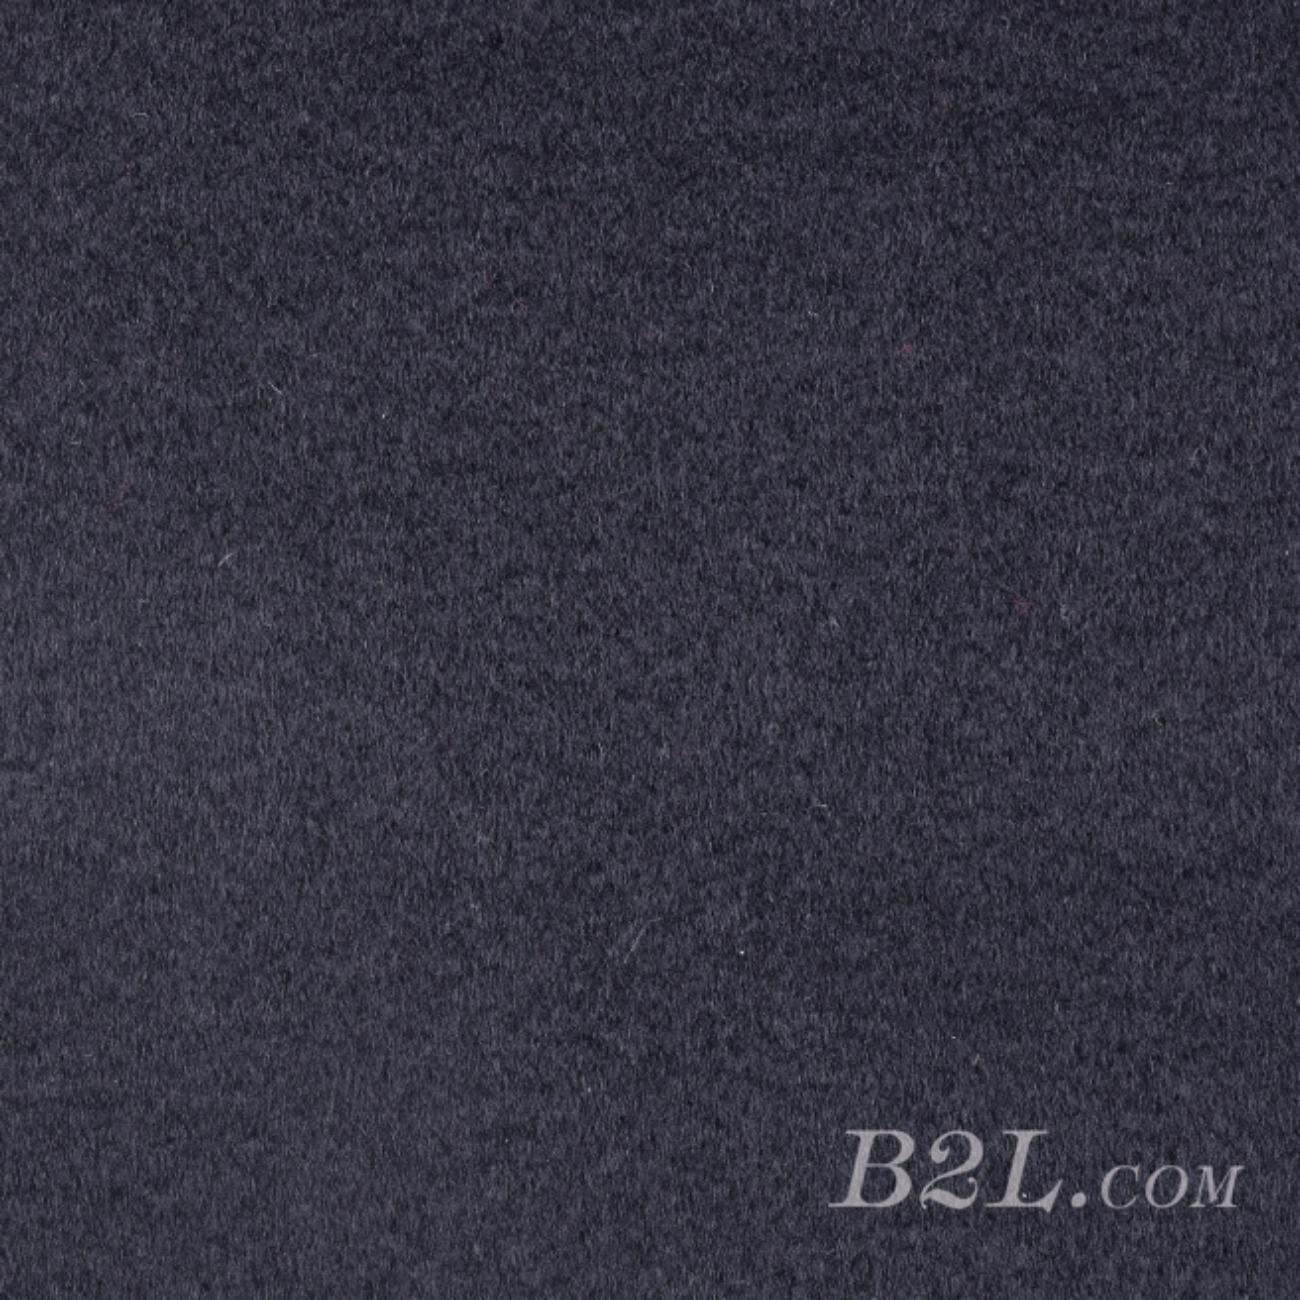 毛纺 梭织 染色 绒感 秋冬 大衣 外套  90921-21